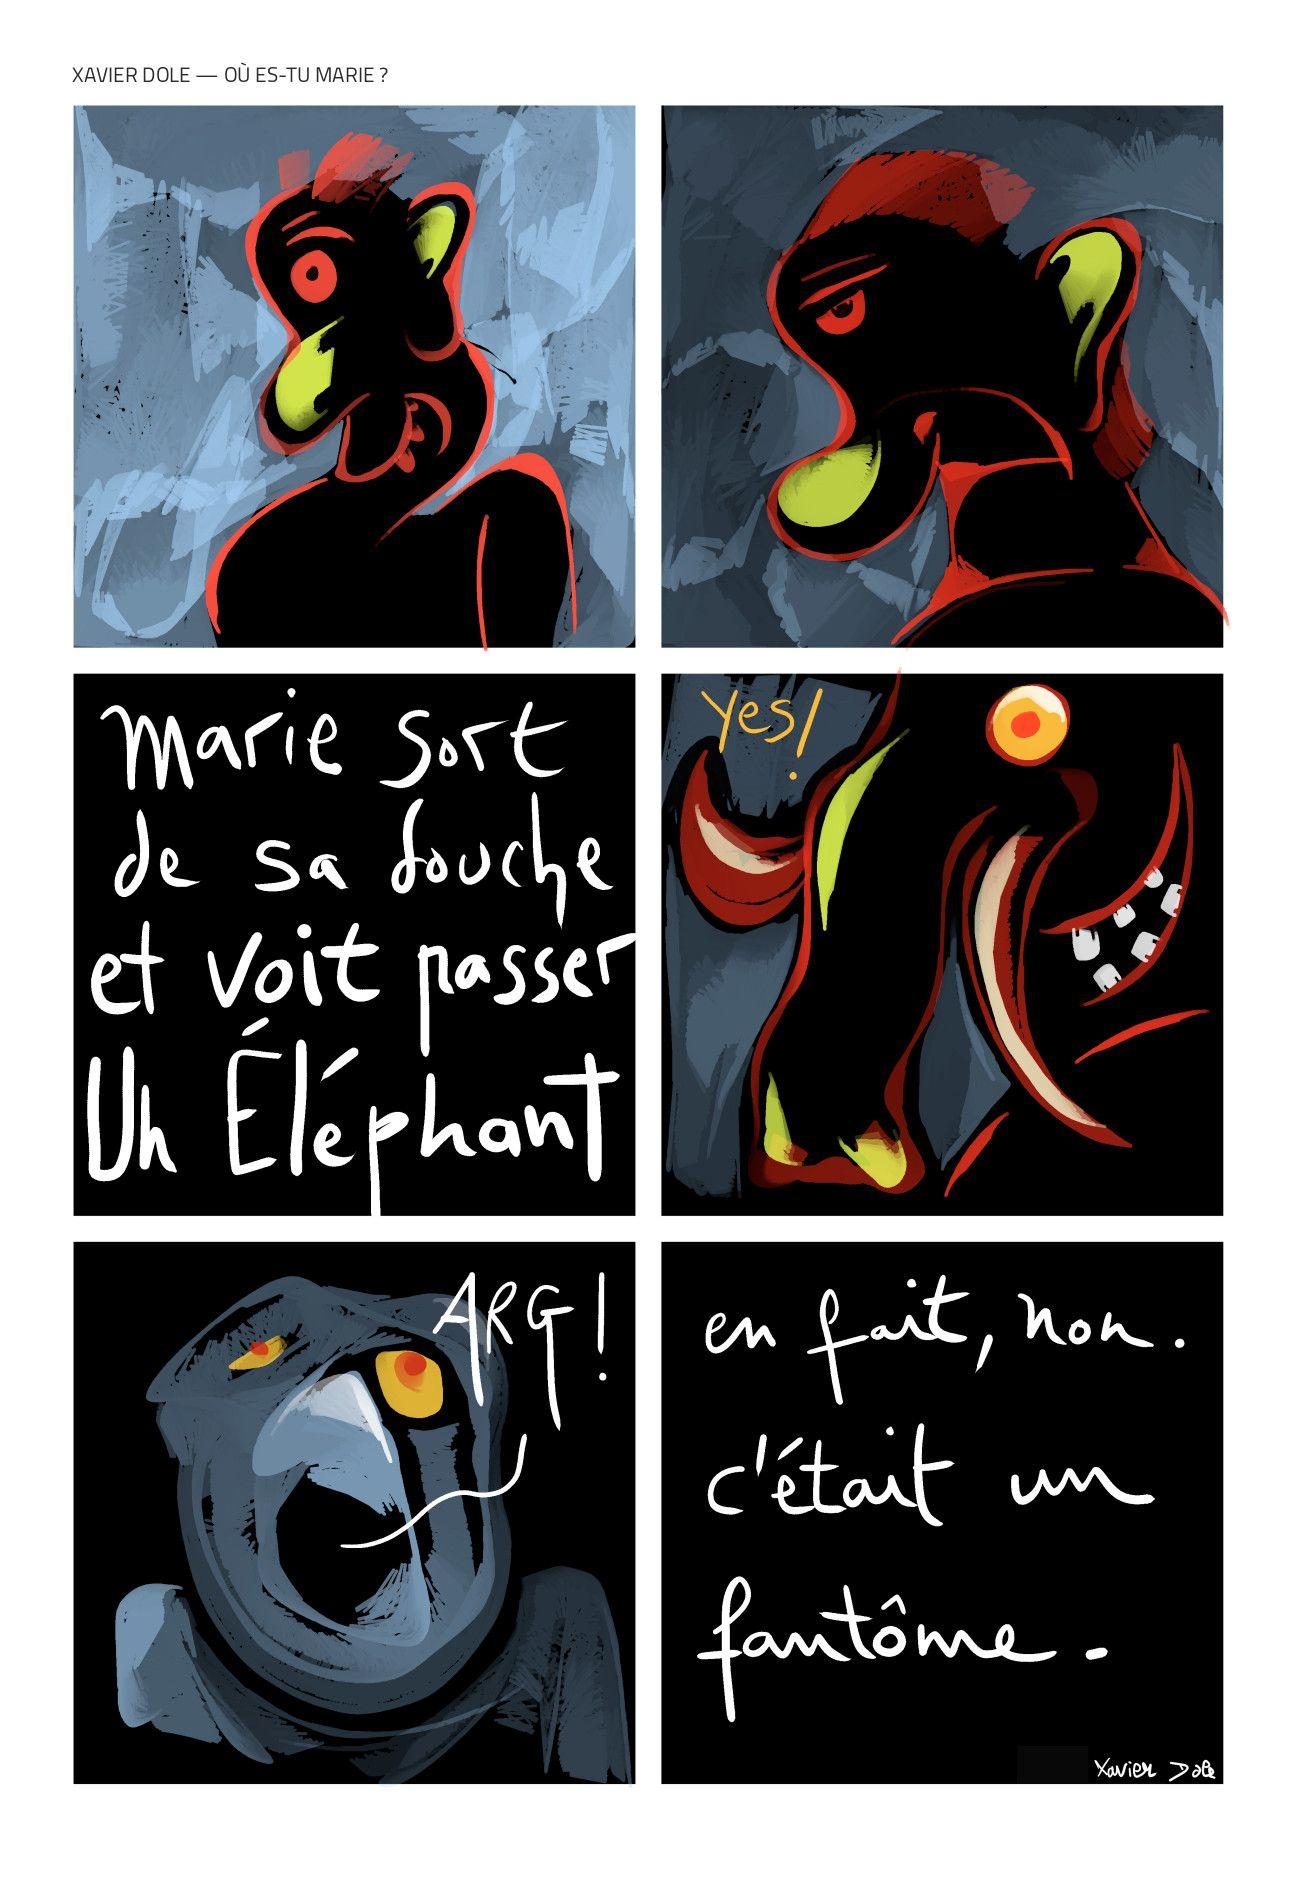 Xavier Dole – Où es-tu Marie ?